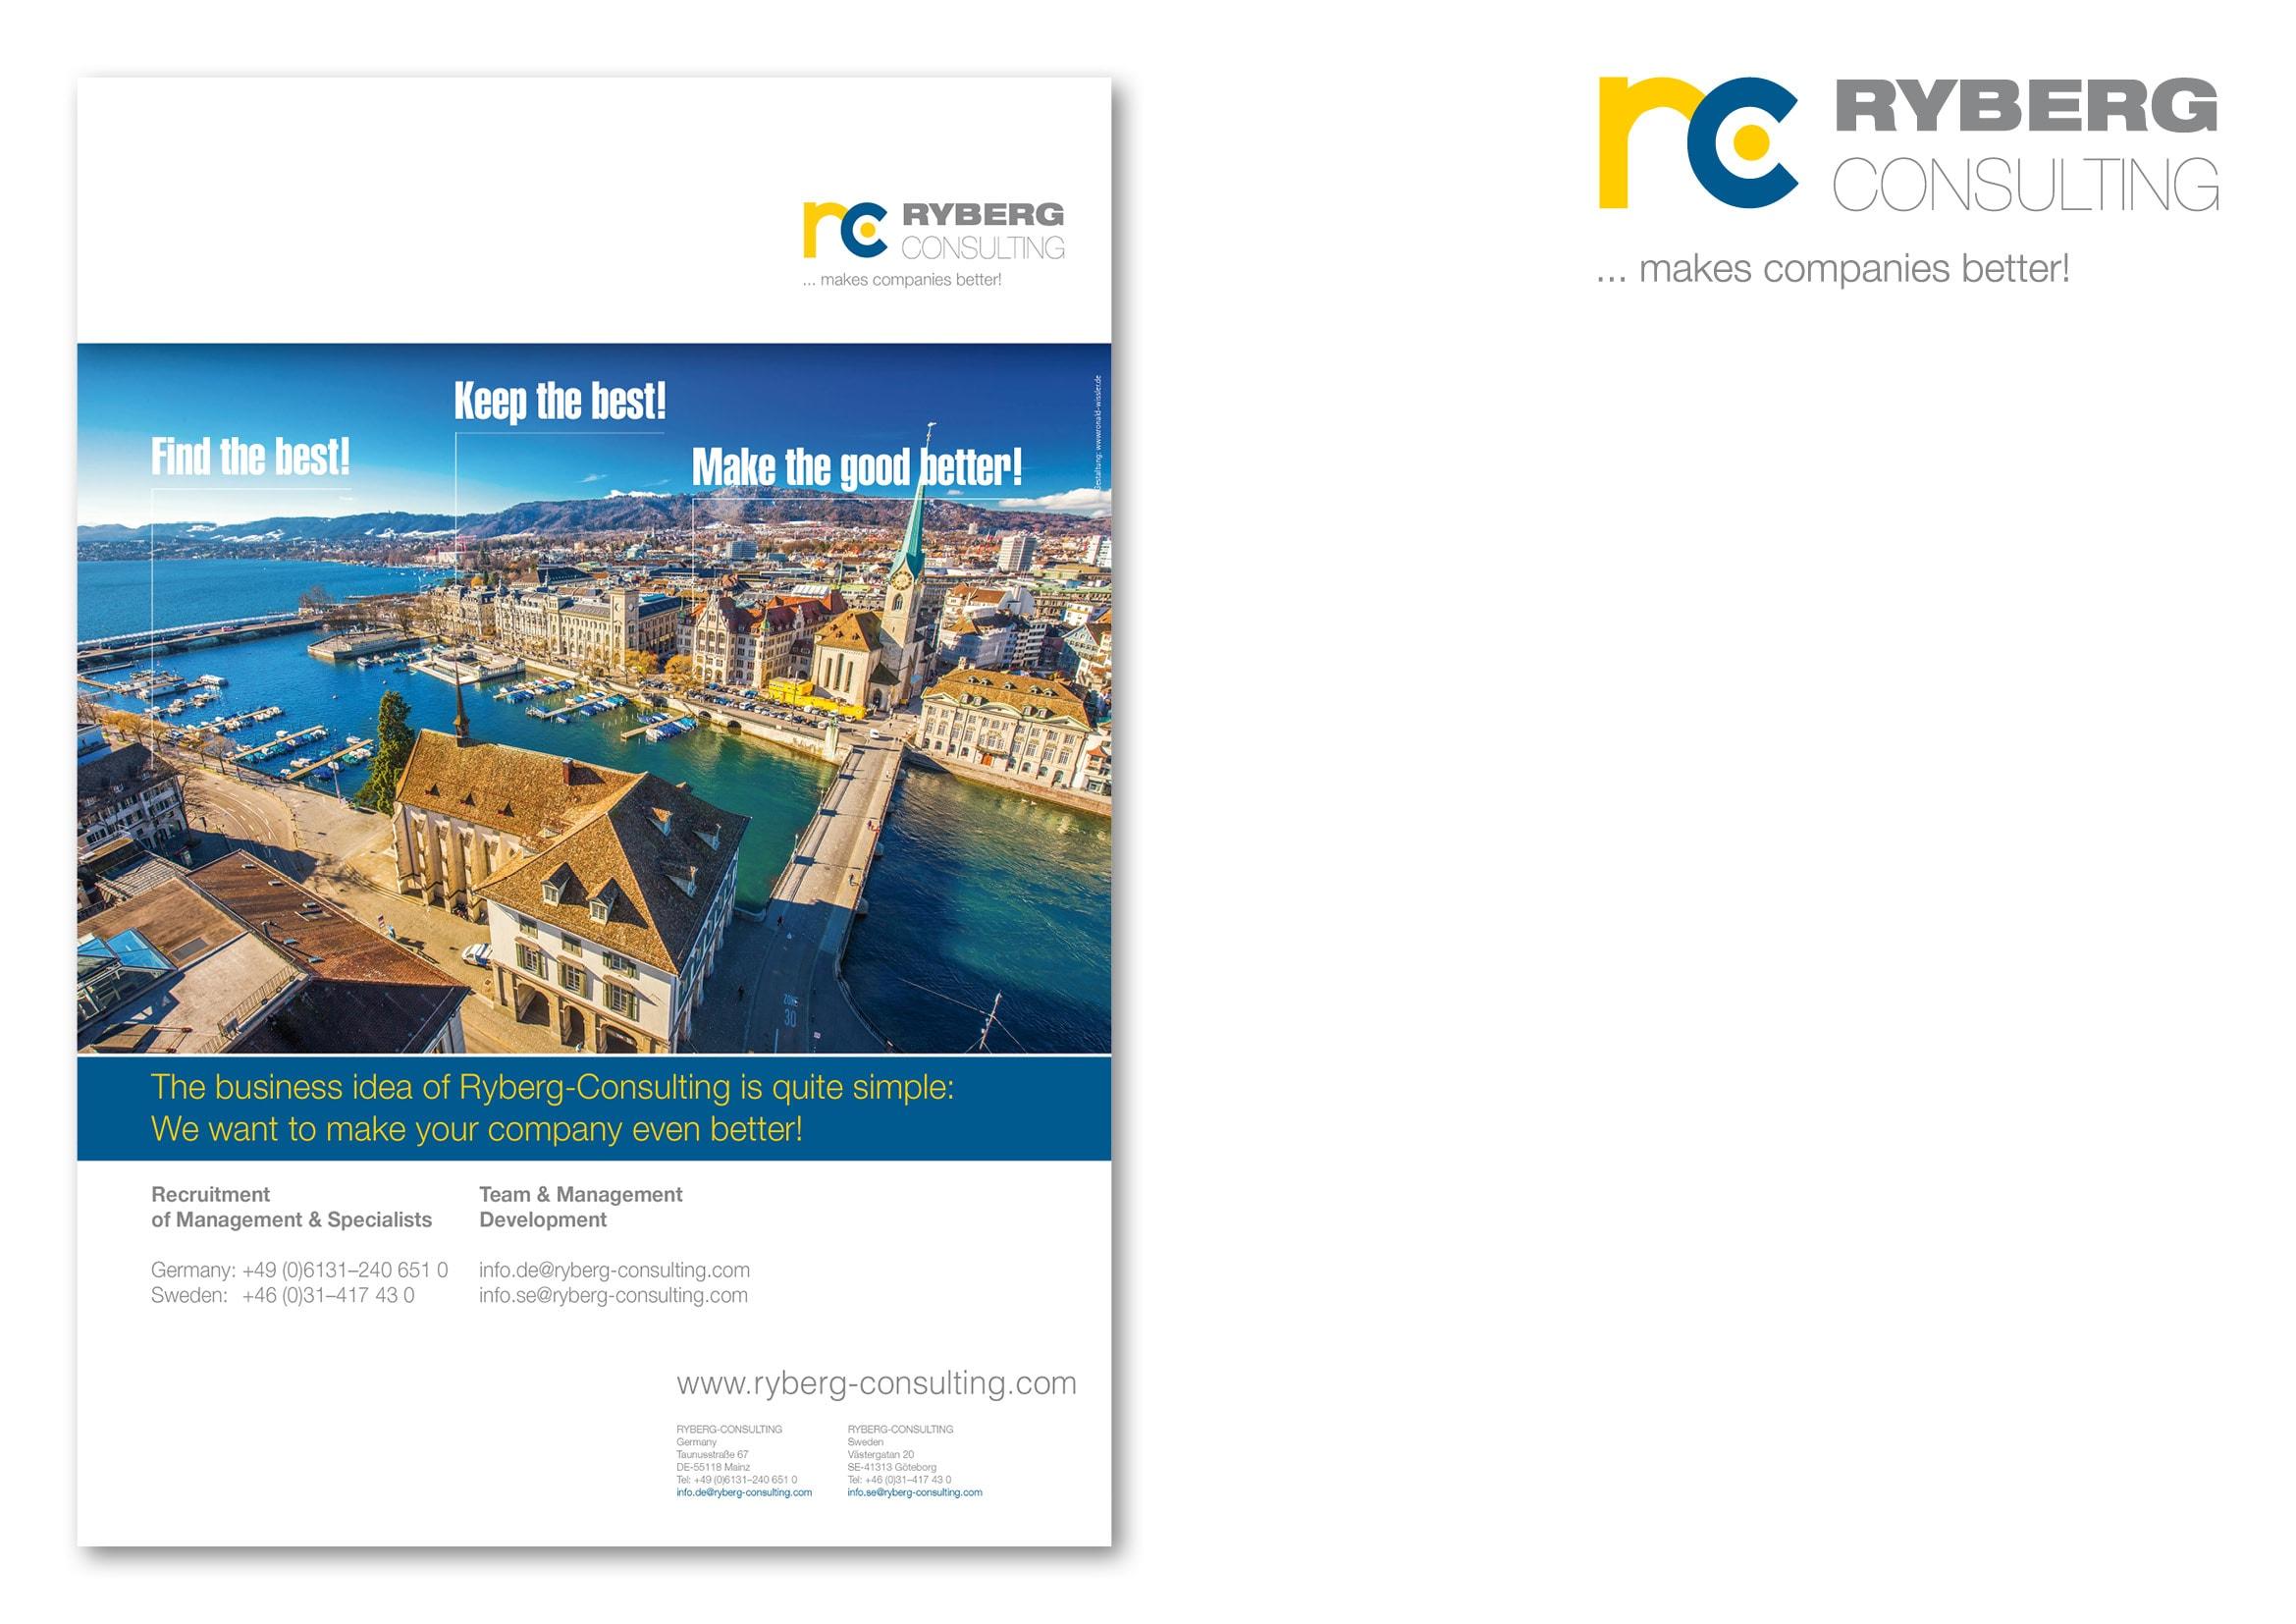 """Entwicklung Anzeigenmotiv Zürich für die Anzeigenkampagne """"Find the Best!"""" für die Personalberatung Ryberg Consulting durch Grafik-Designer Ronald Wissler"""